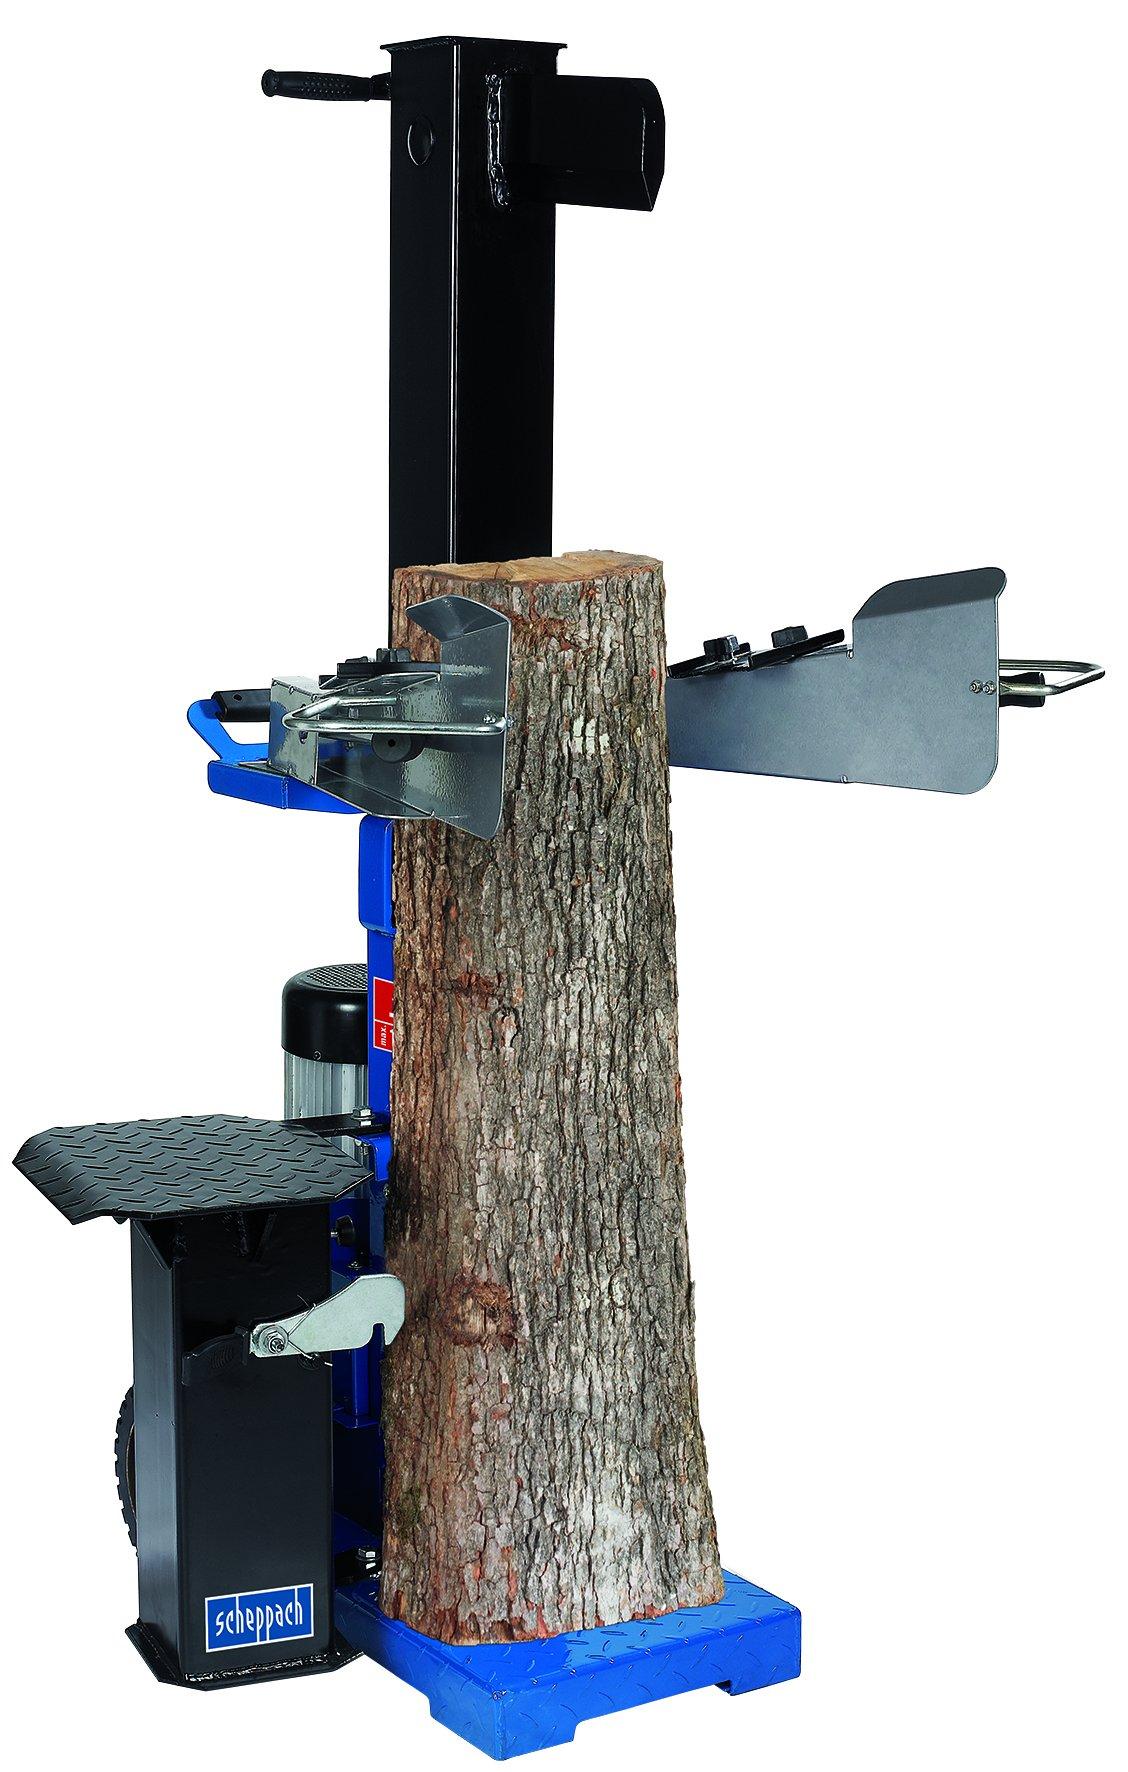 Scheppach HL 1200S vertikální štípač dřeva Scheppach